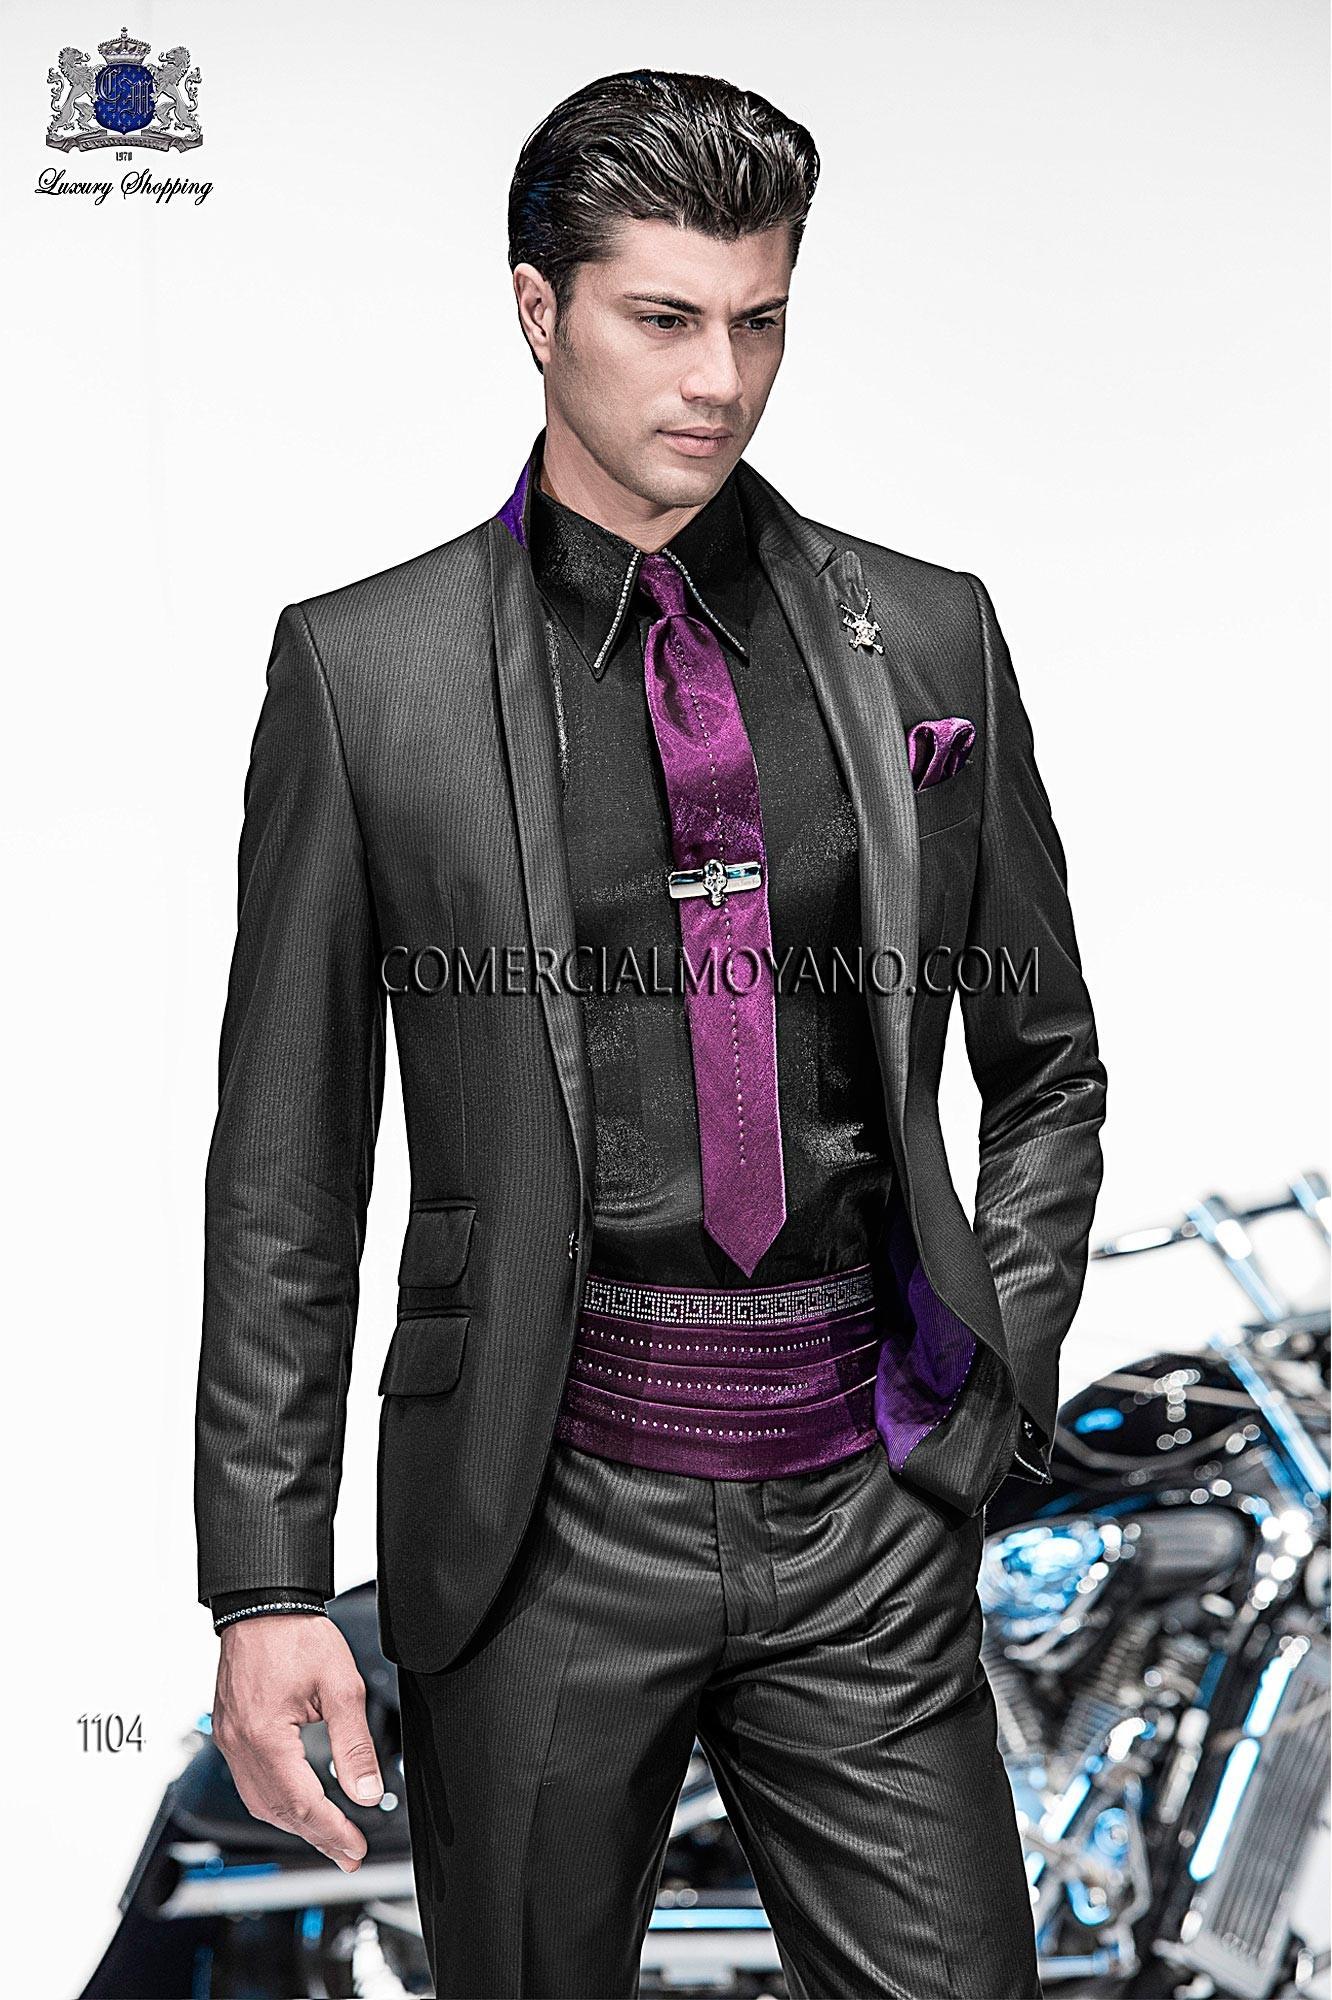 Traje de moda hombre negro modelo: 1104 Ottavio Nuccio Gala colección Emotion